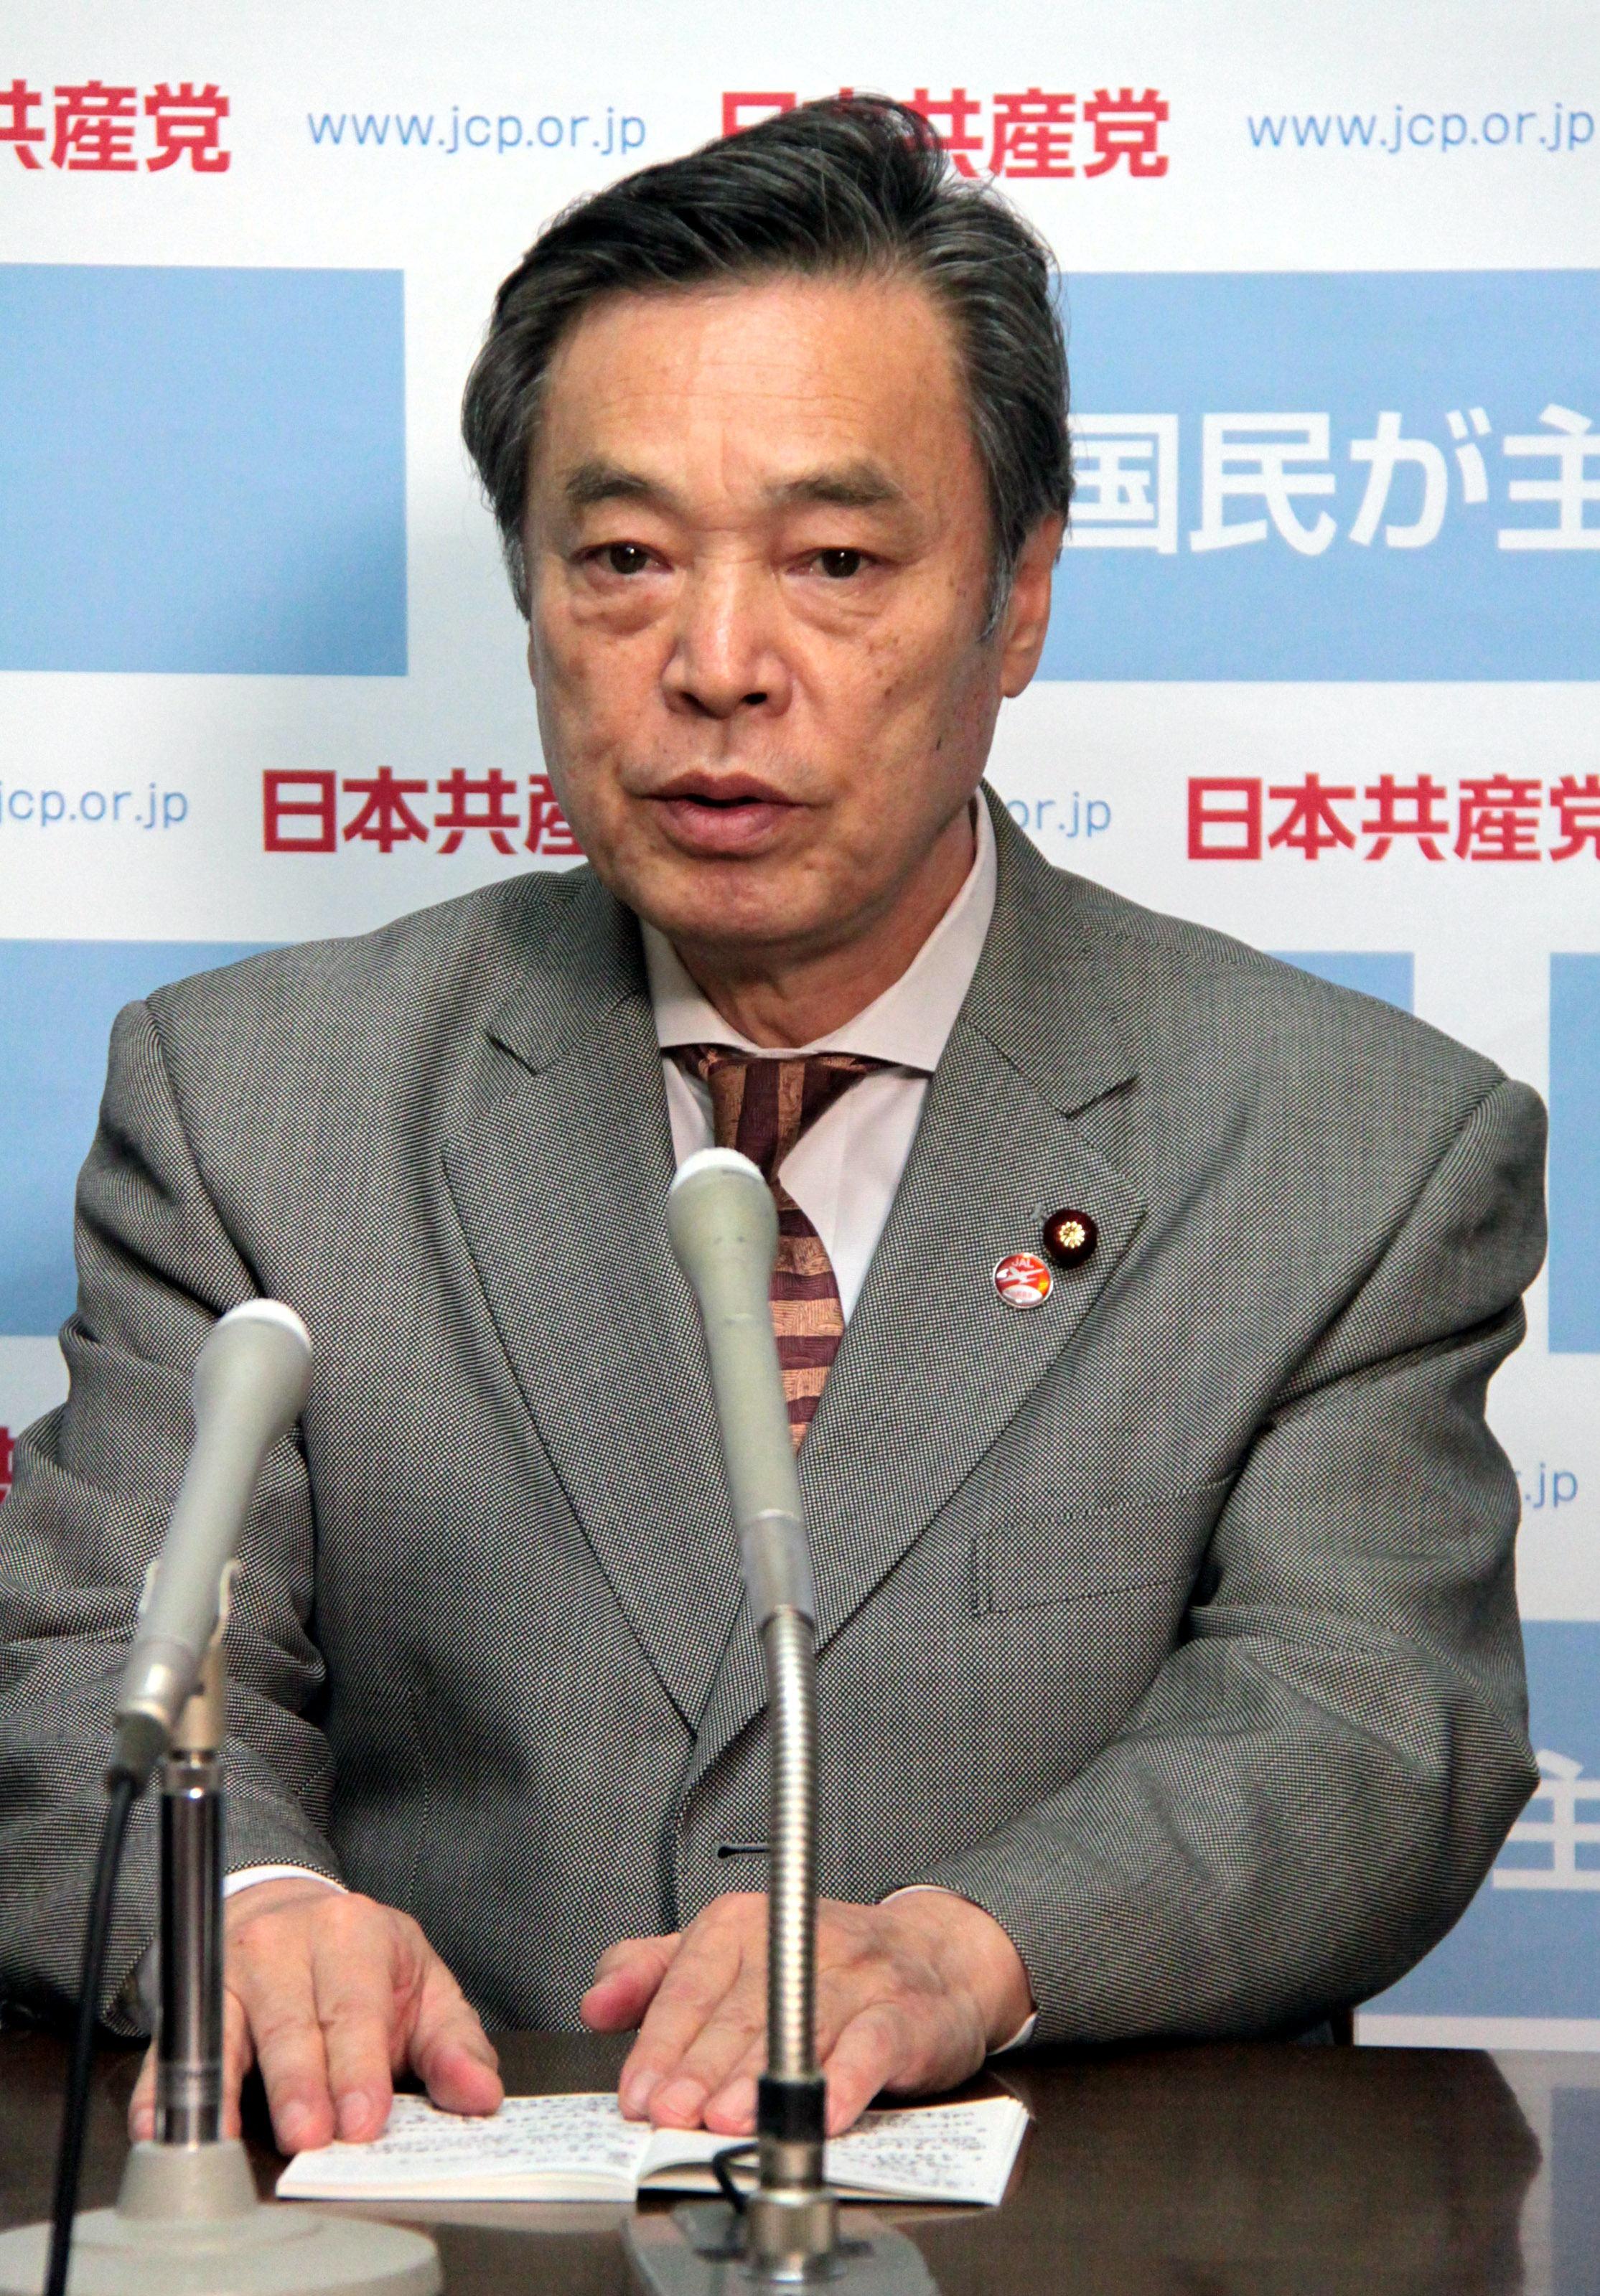 こくた恵二 Web Site: 与野党国会対策委員長会談開催さる。//小沢一郎氏の証人喚問を要求する!